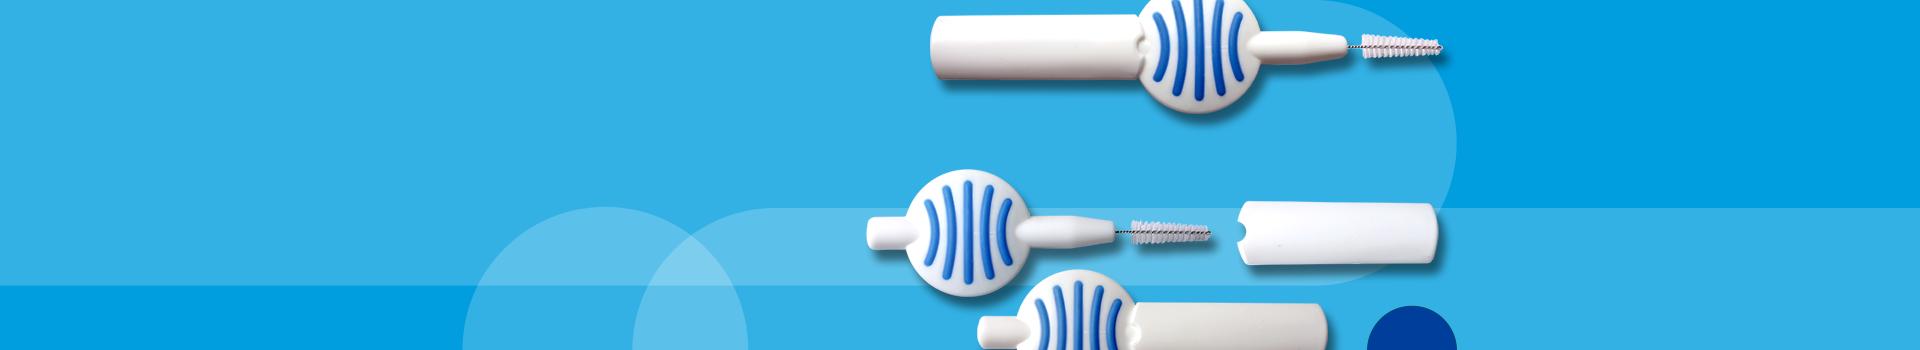 Bürstenmann GmbH: Zahnpflege: Interdentalprodukte